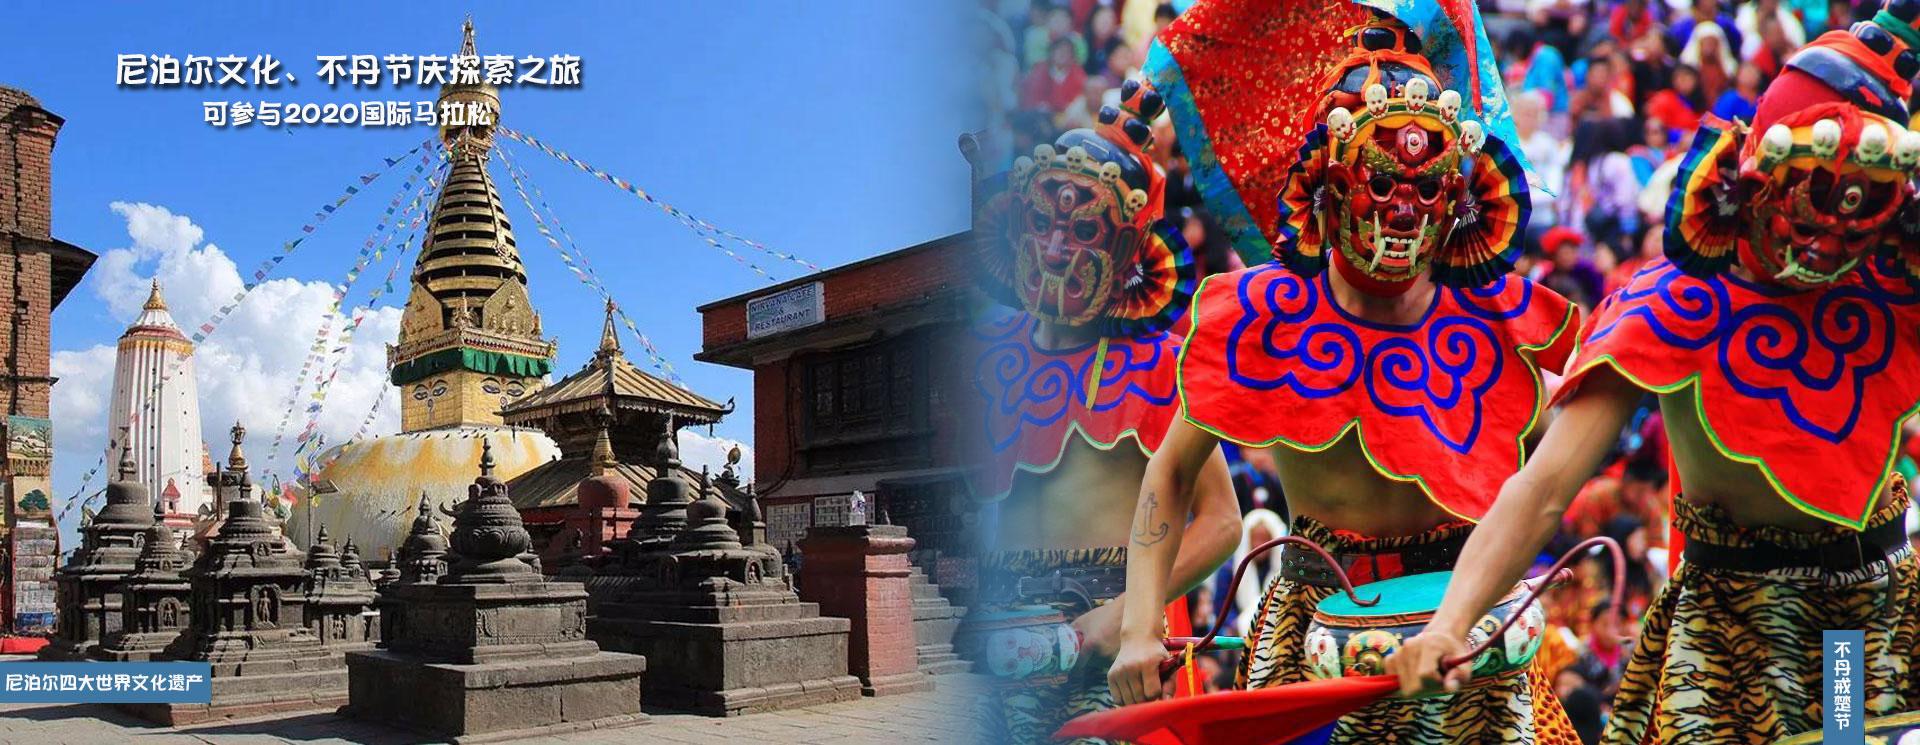 尼泊尔当地旅行社